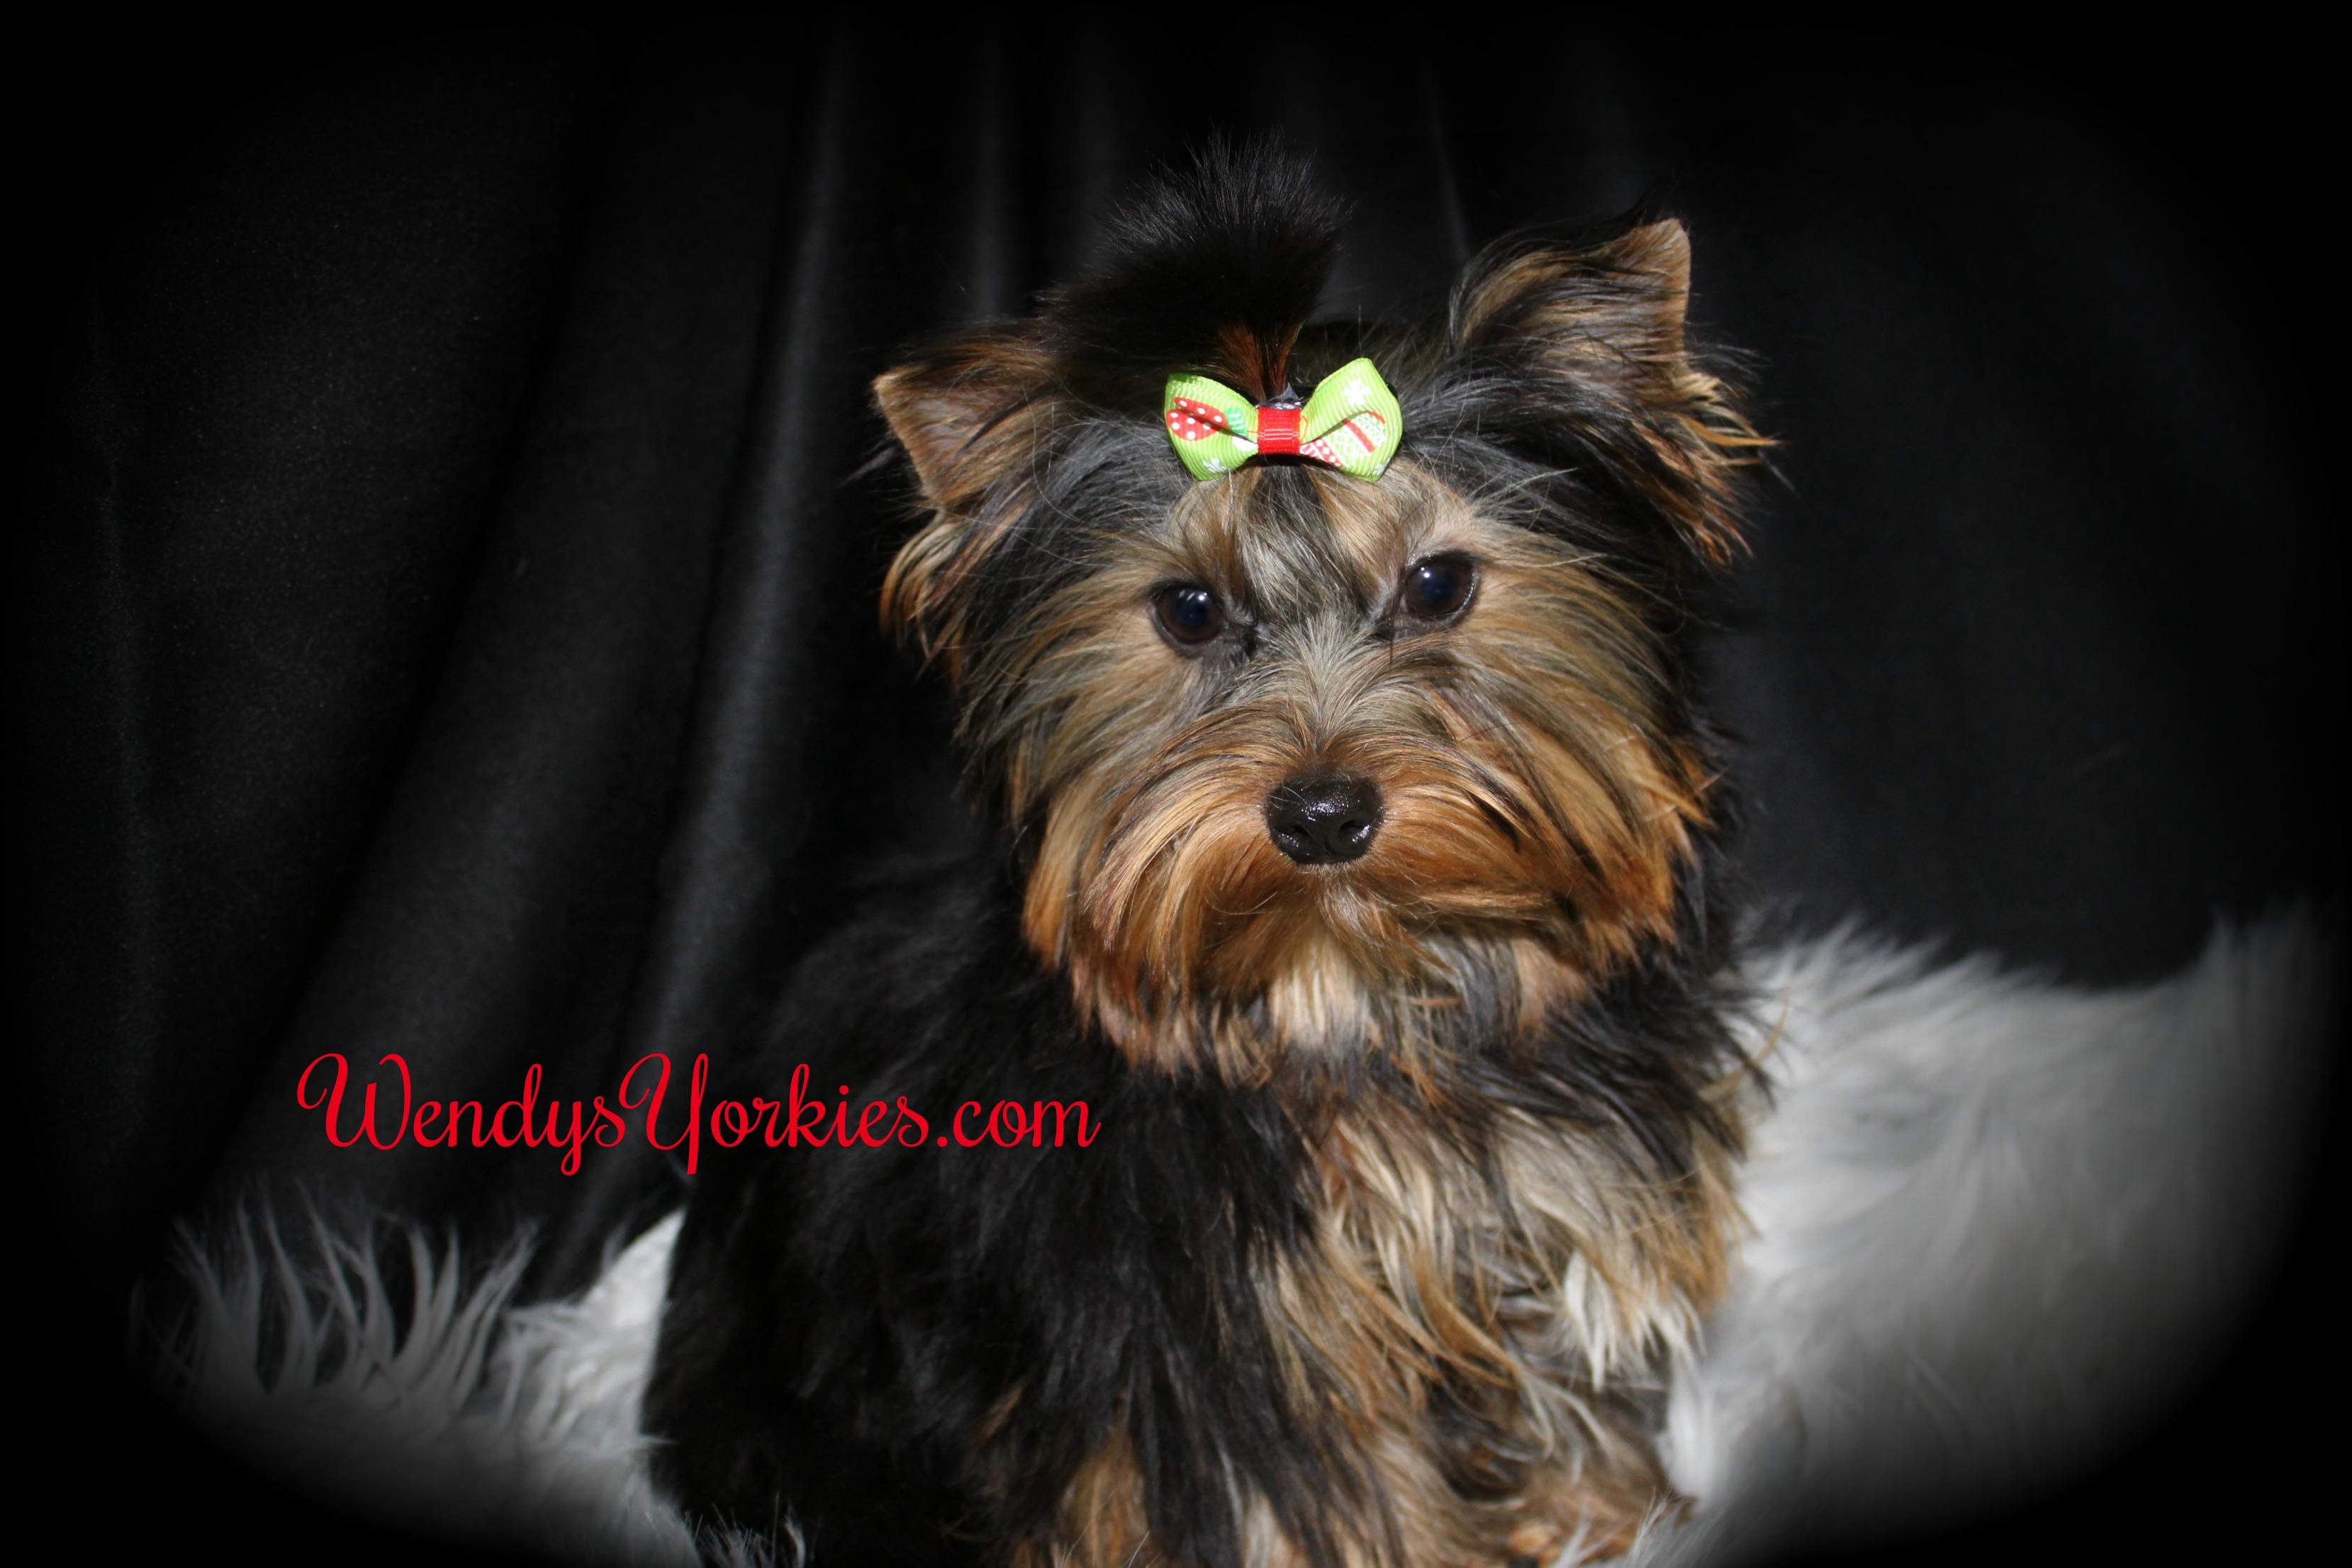 Beautiful Yorkies for sale, WendysYorkies.com, Cookie